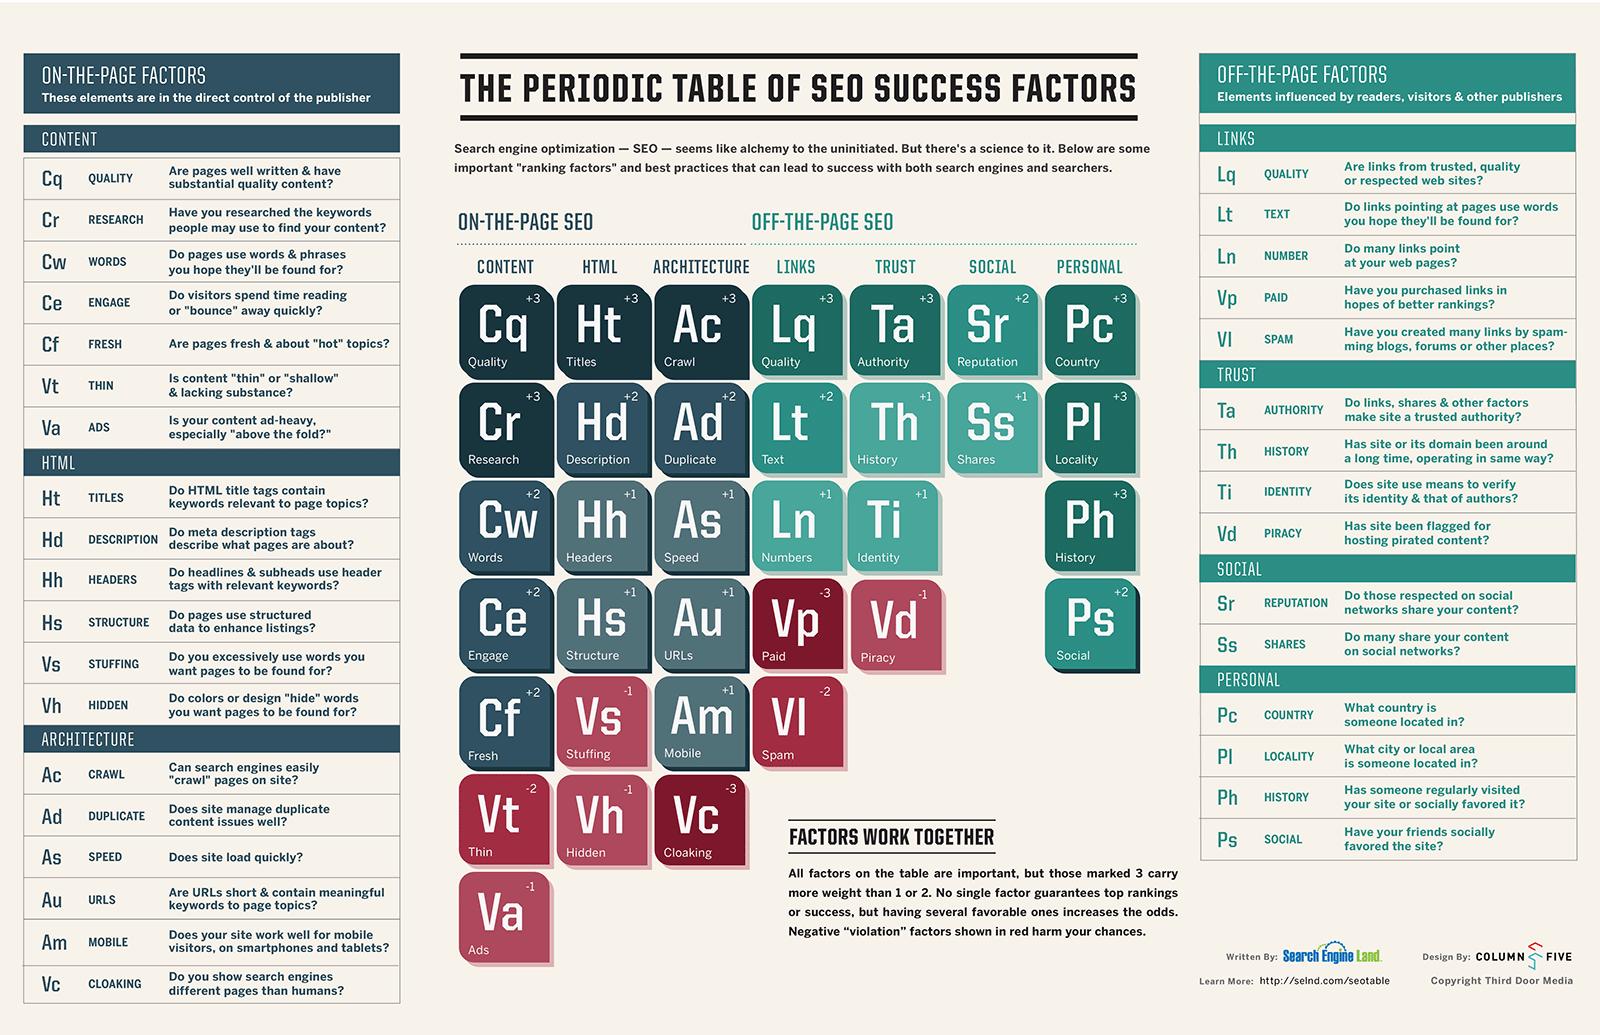 Periodiek overzicht van de SEO succes factoren